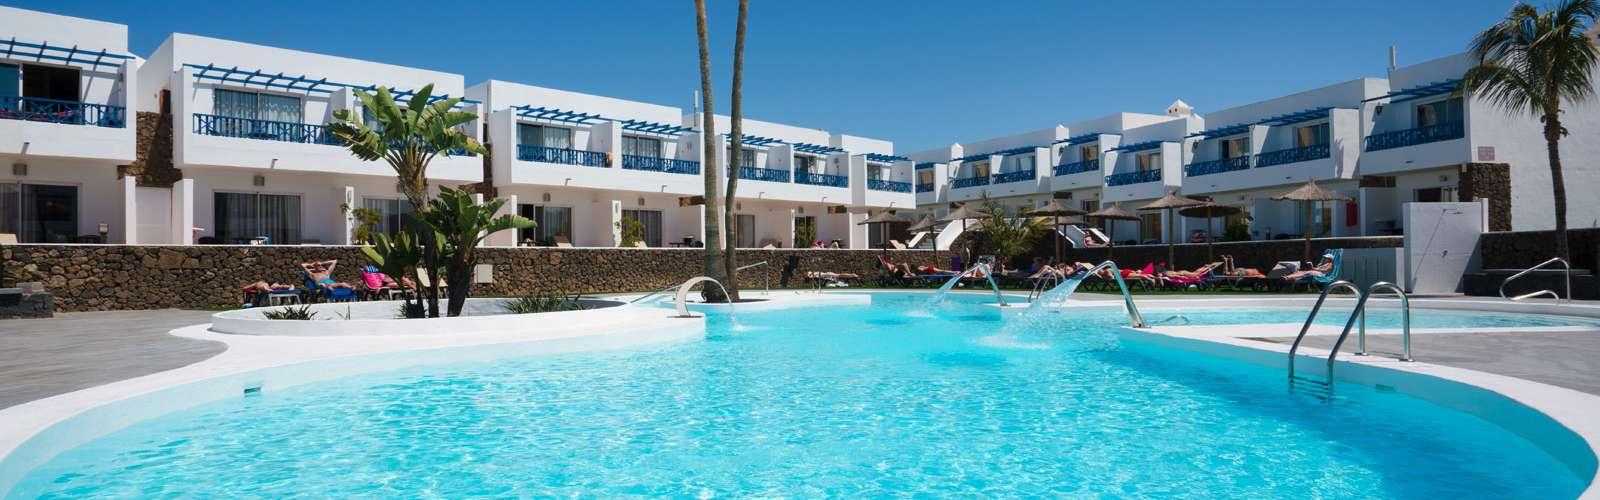 Restaurante Hotel en Costa Teguise (Lanzarote) | Club Siroco